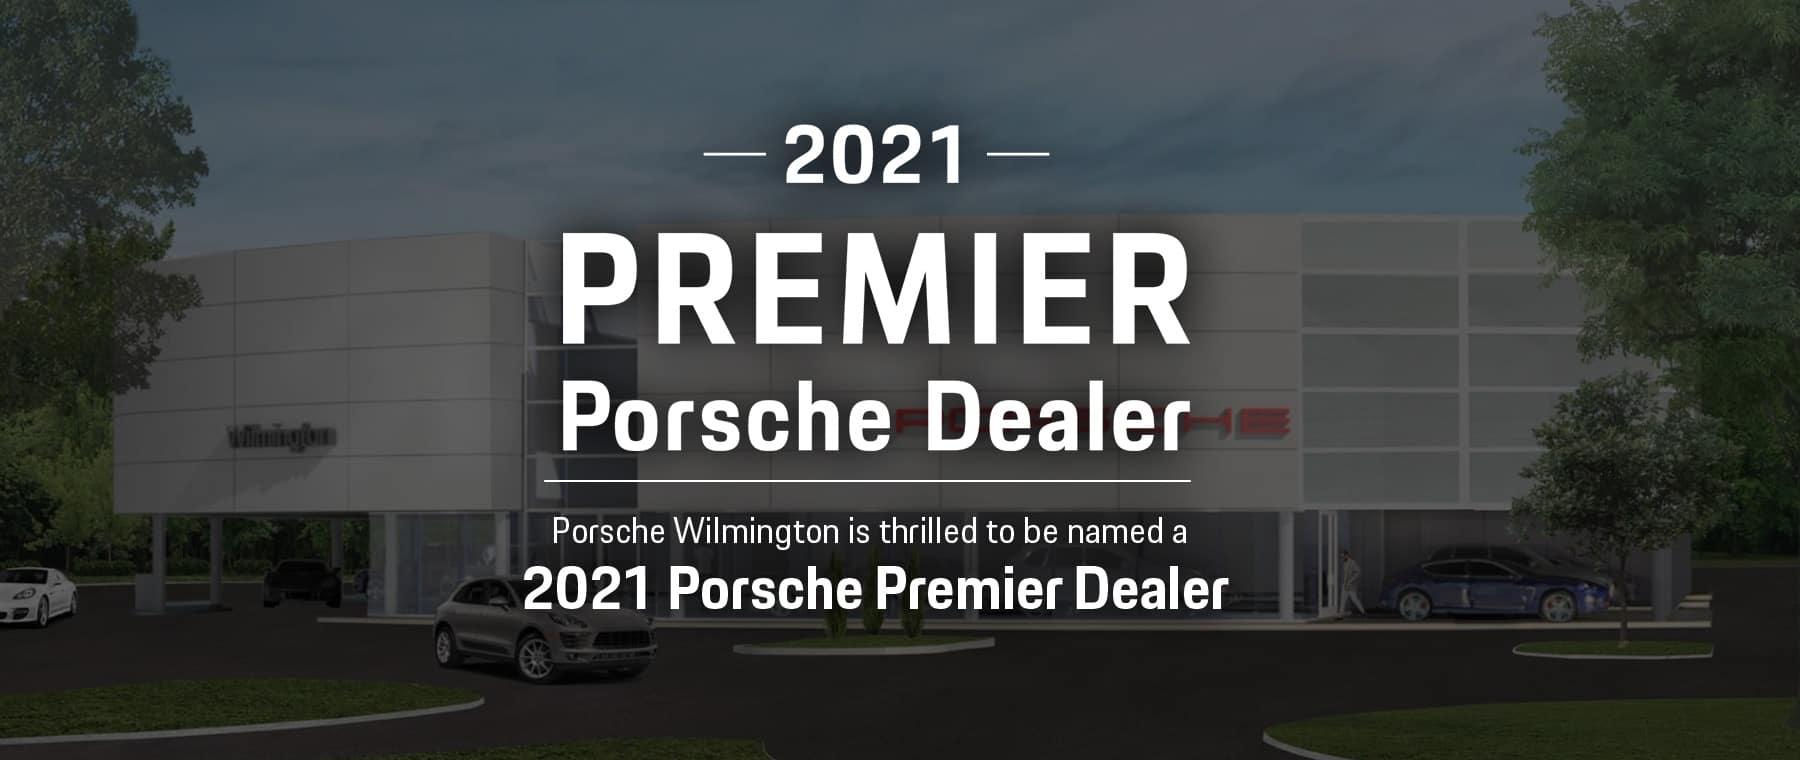 porsche-wilmington-premier-dealer-homepage (1)